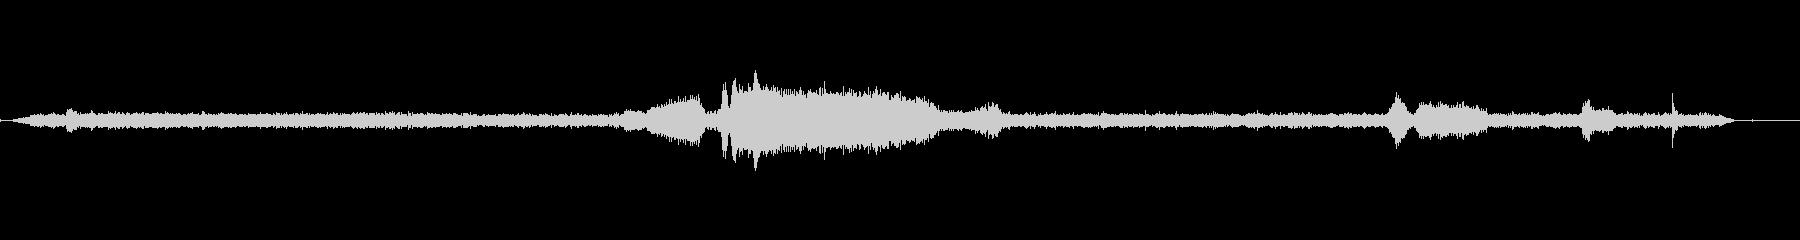 旋盤-ビートドリブンのパンチ-金属...の未再生の波形